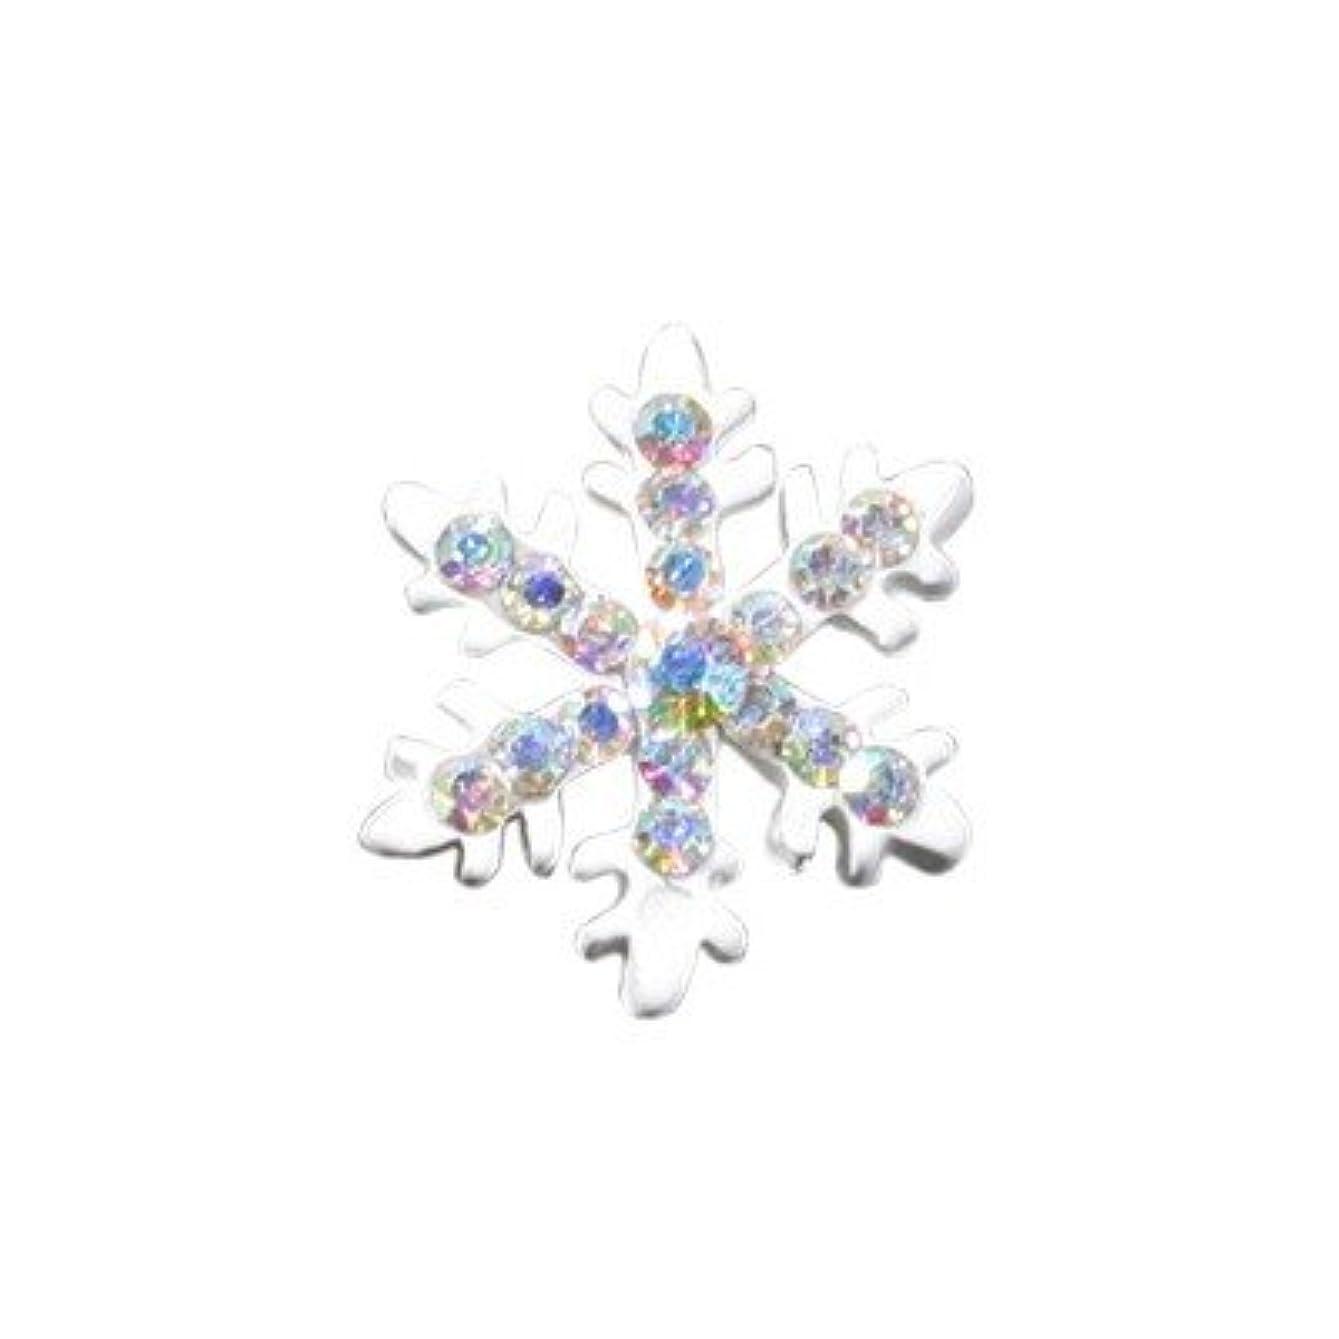 対称満足させる有害クレア キラキラ スノーフレイク ホワイト オーロラ